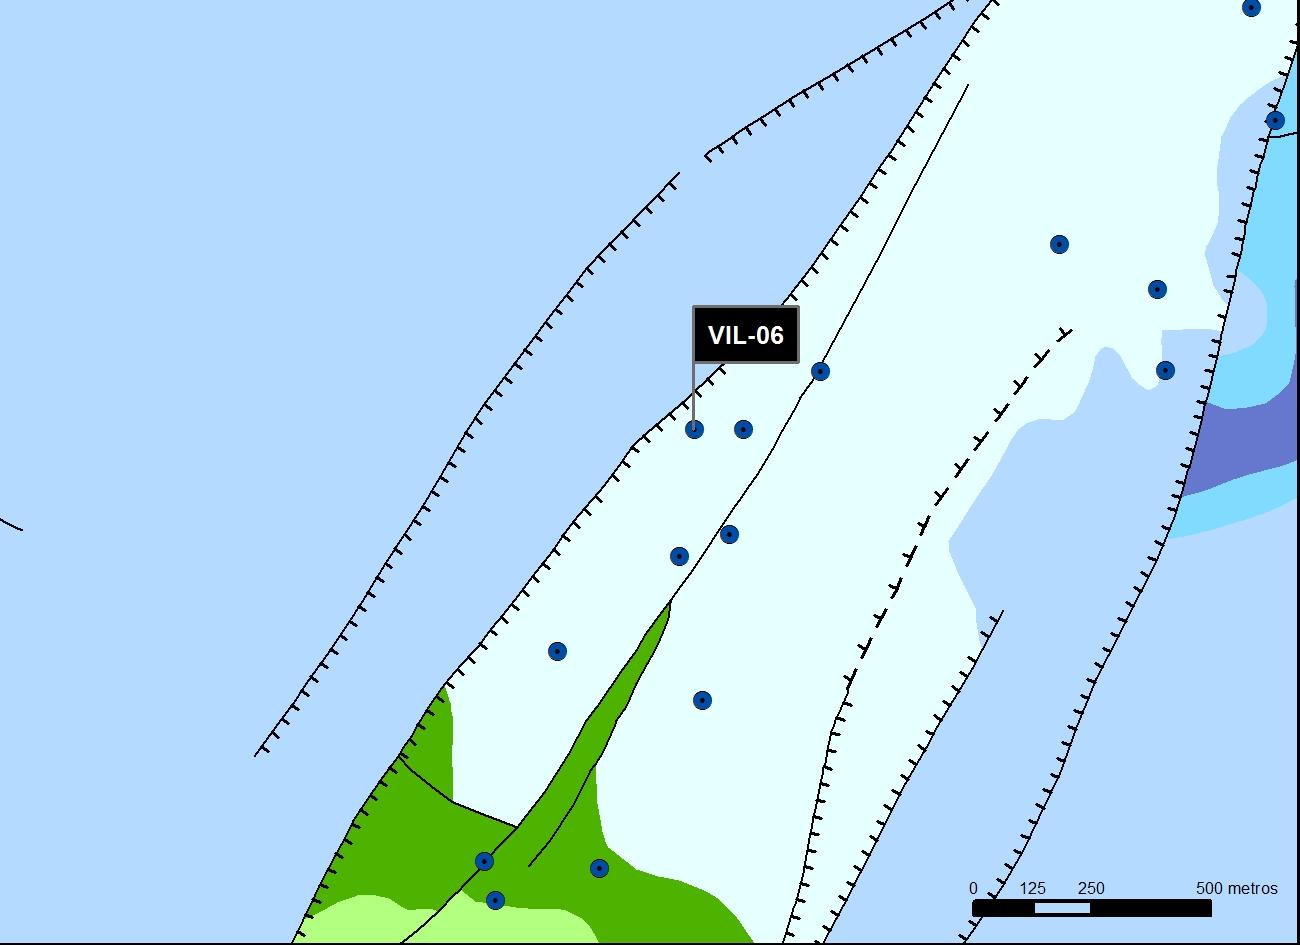 VIL_06_M.V.LOZANO_ANTANICA_MAP.GEOL